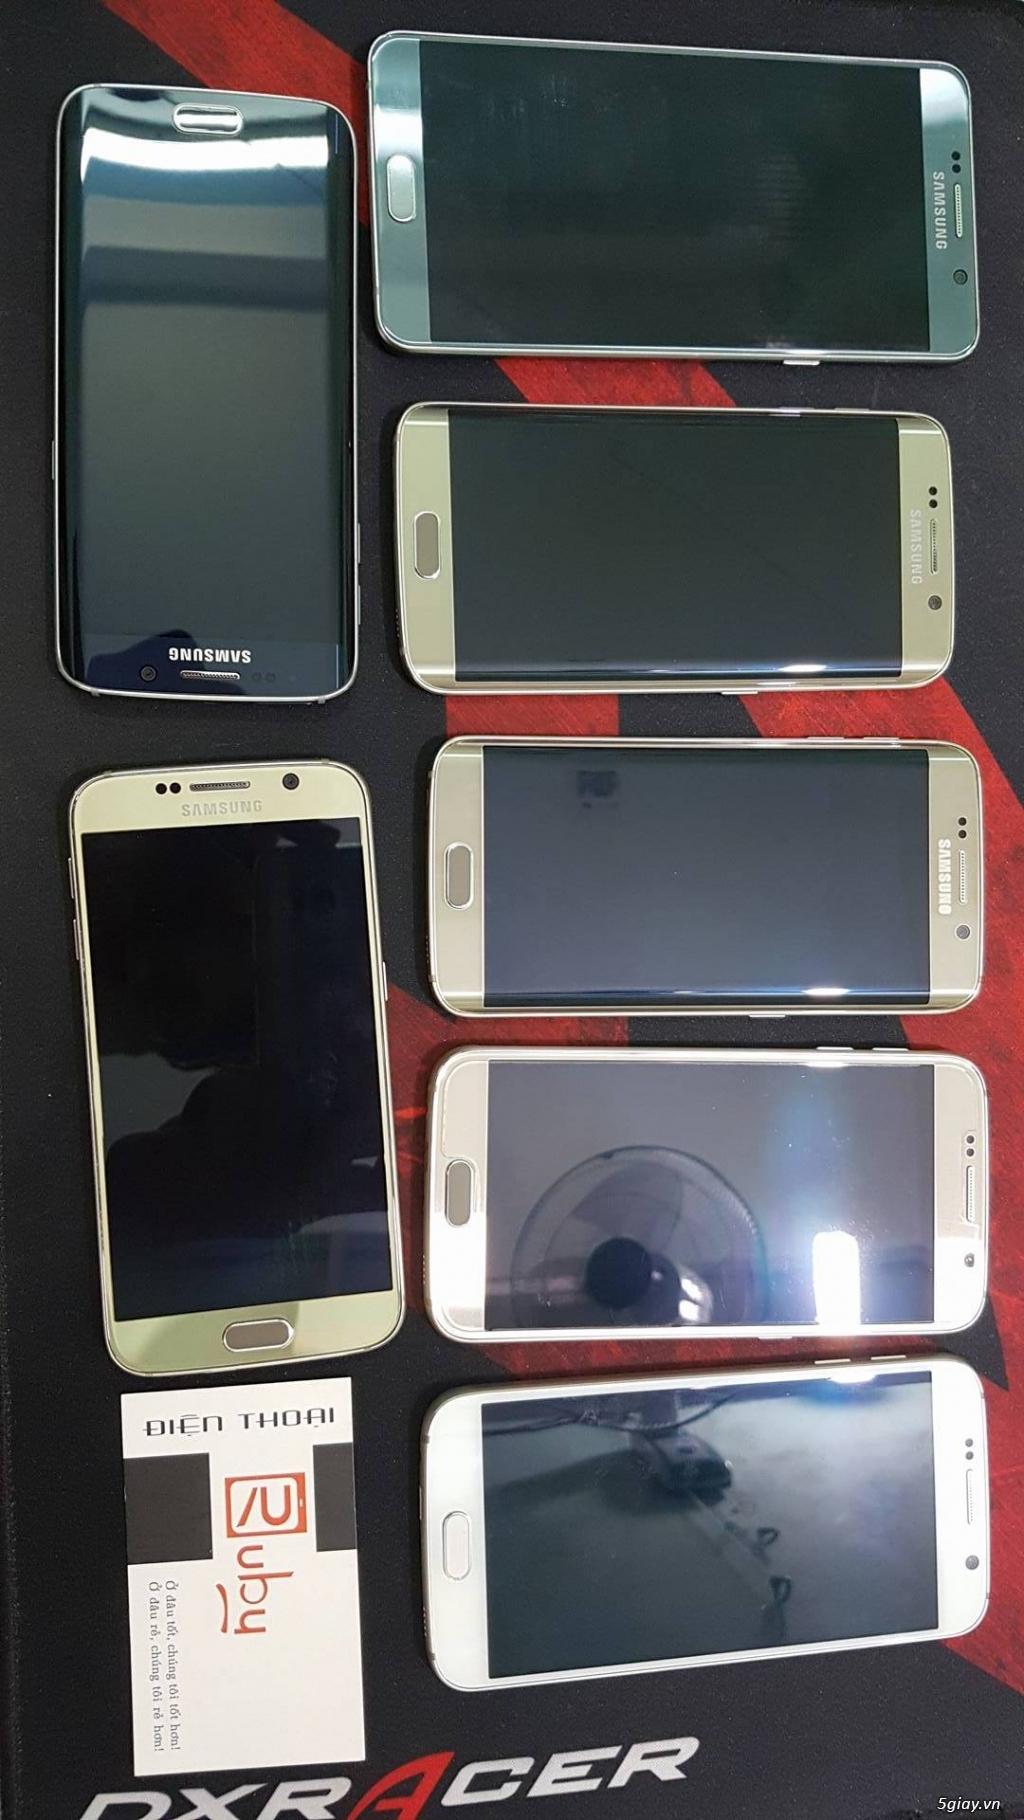 Samsung iPhone LG xách tay từ Hàn Quốc ! - 8